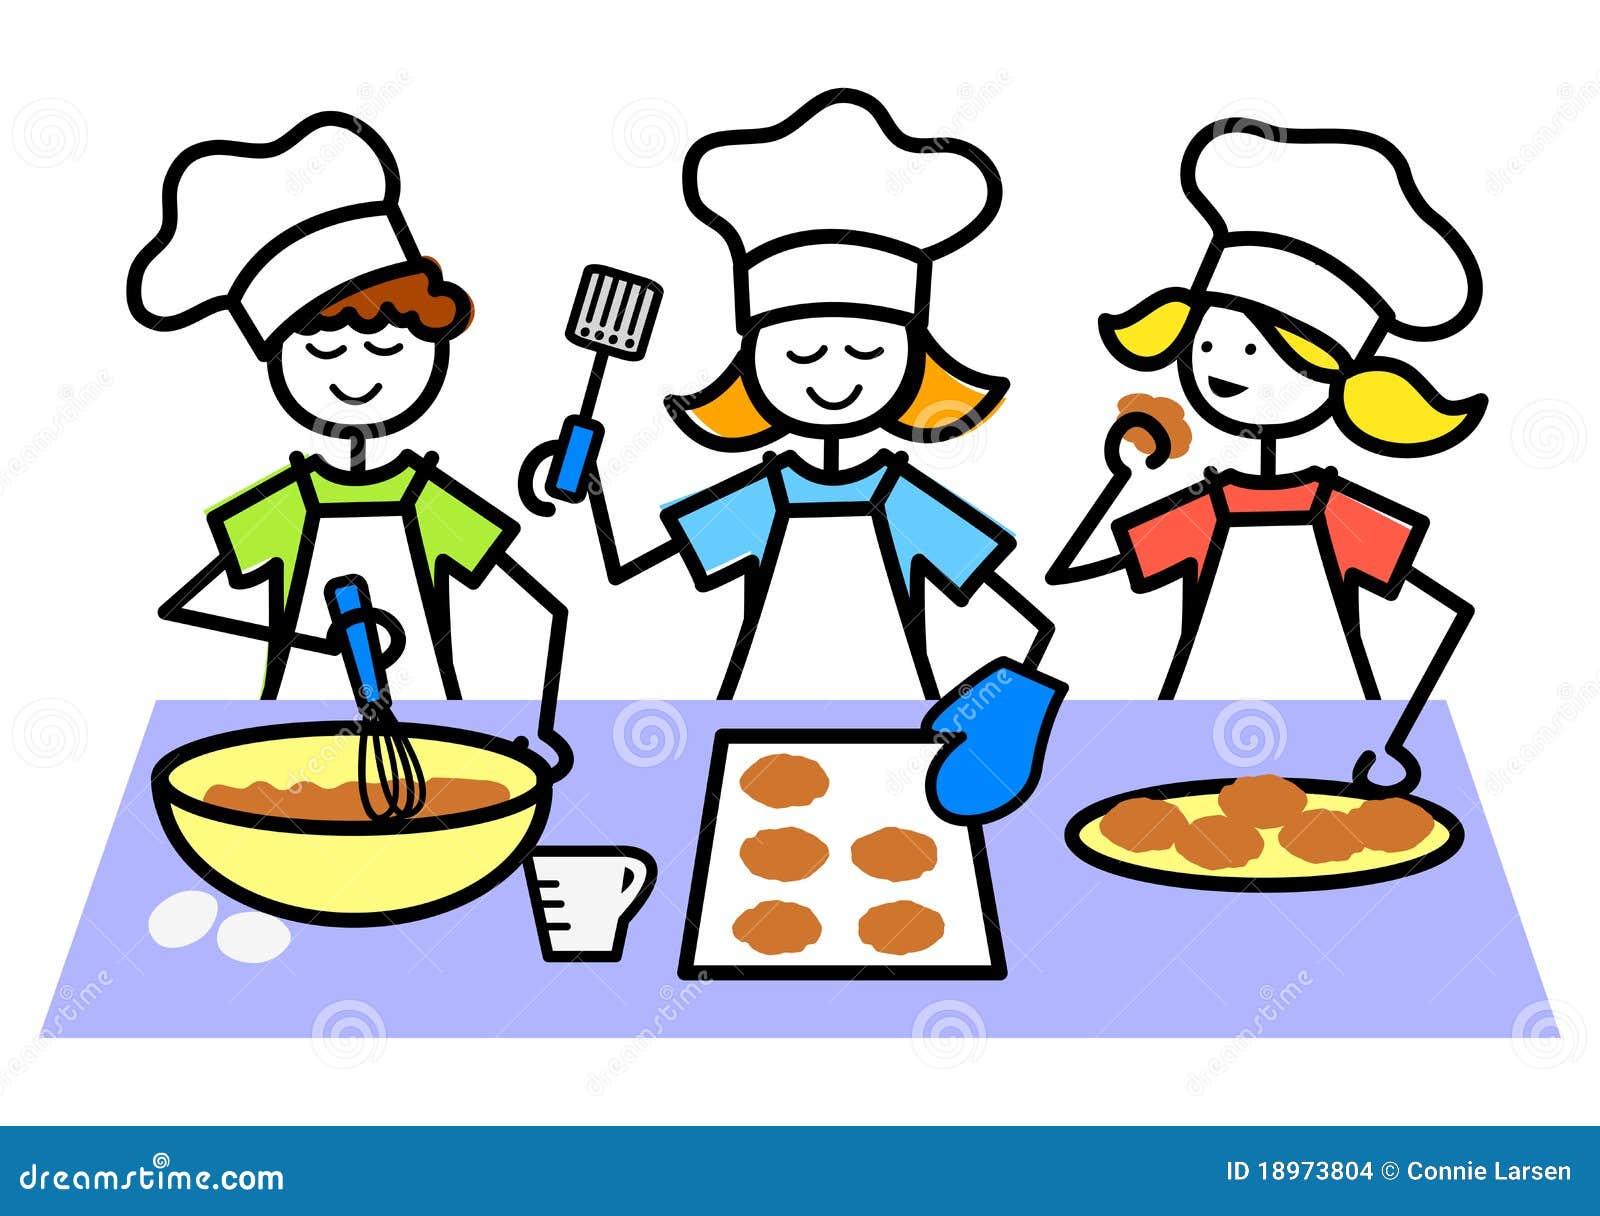 karikatur scherzt backen pl u00e4tzchen vektor abbildung chef clip art free download chef clip art free download